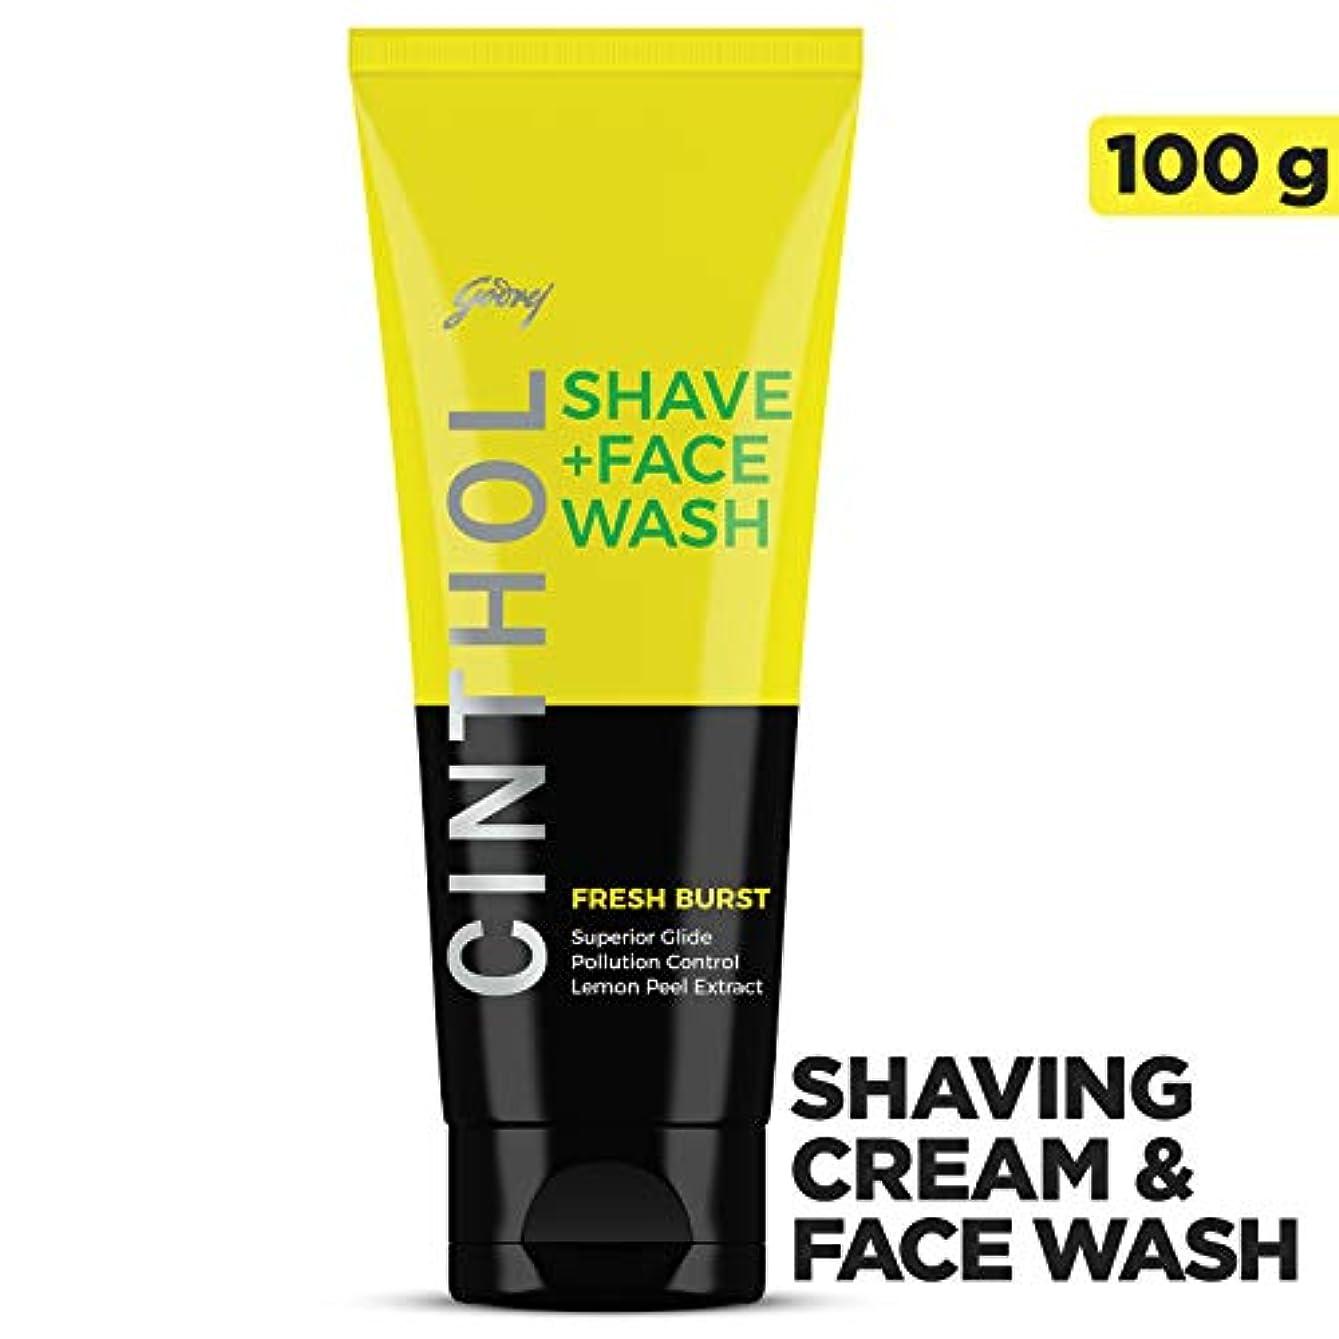 脊椎累計パイロットCinthol Fresh Burst Shaving + Face Wash, 100g